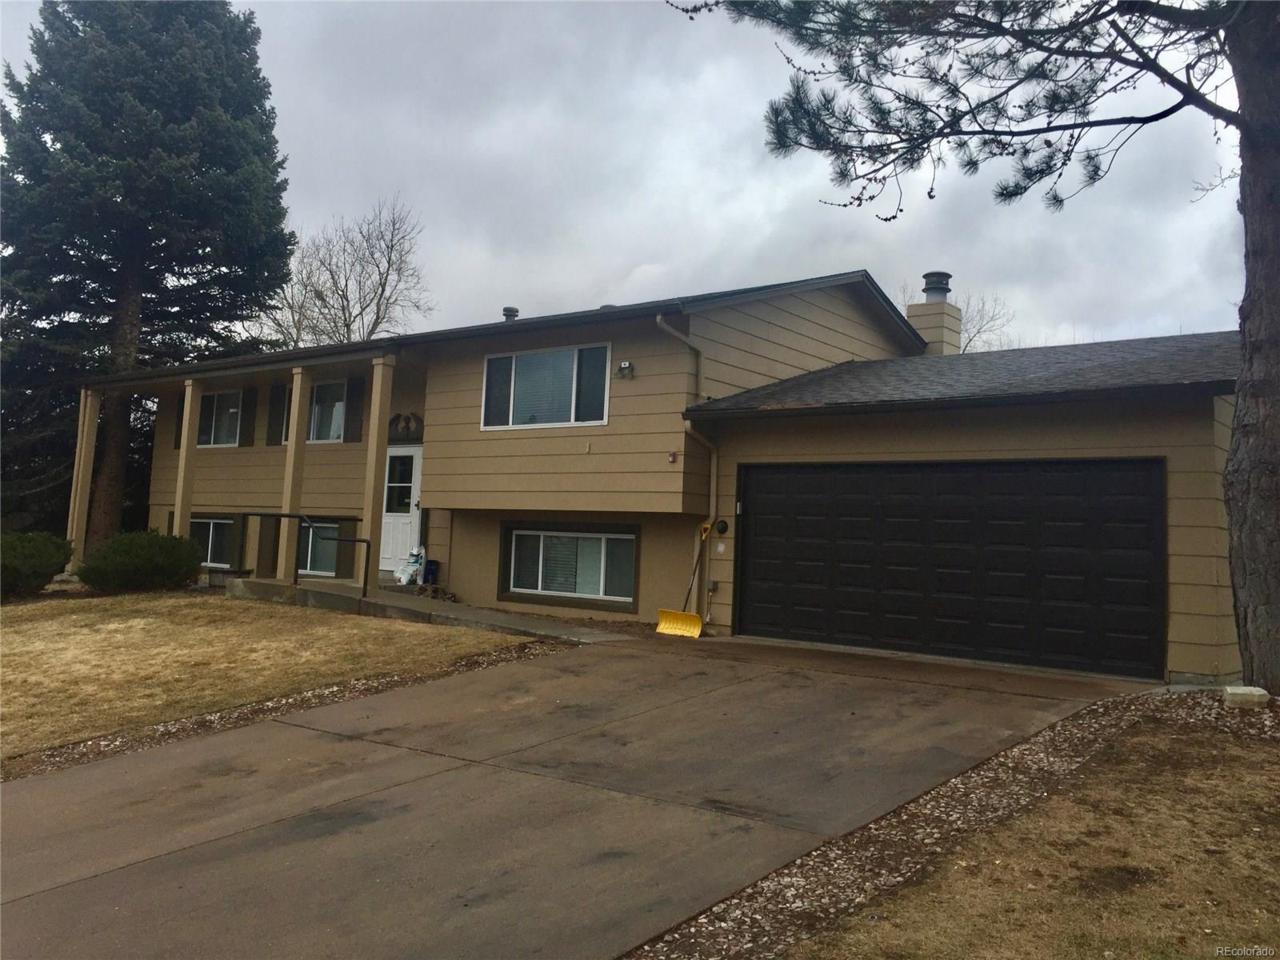 7210 S Washington Way, Centennial, CO 80122 (MLS #3032996) :: 8z Real Estate